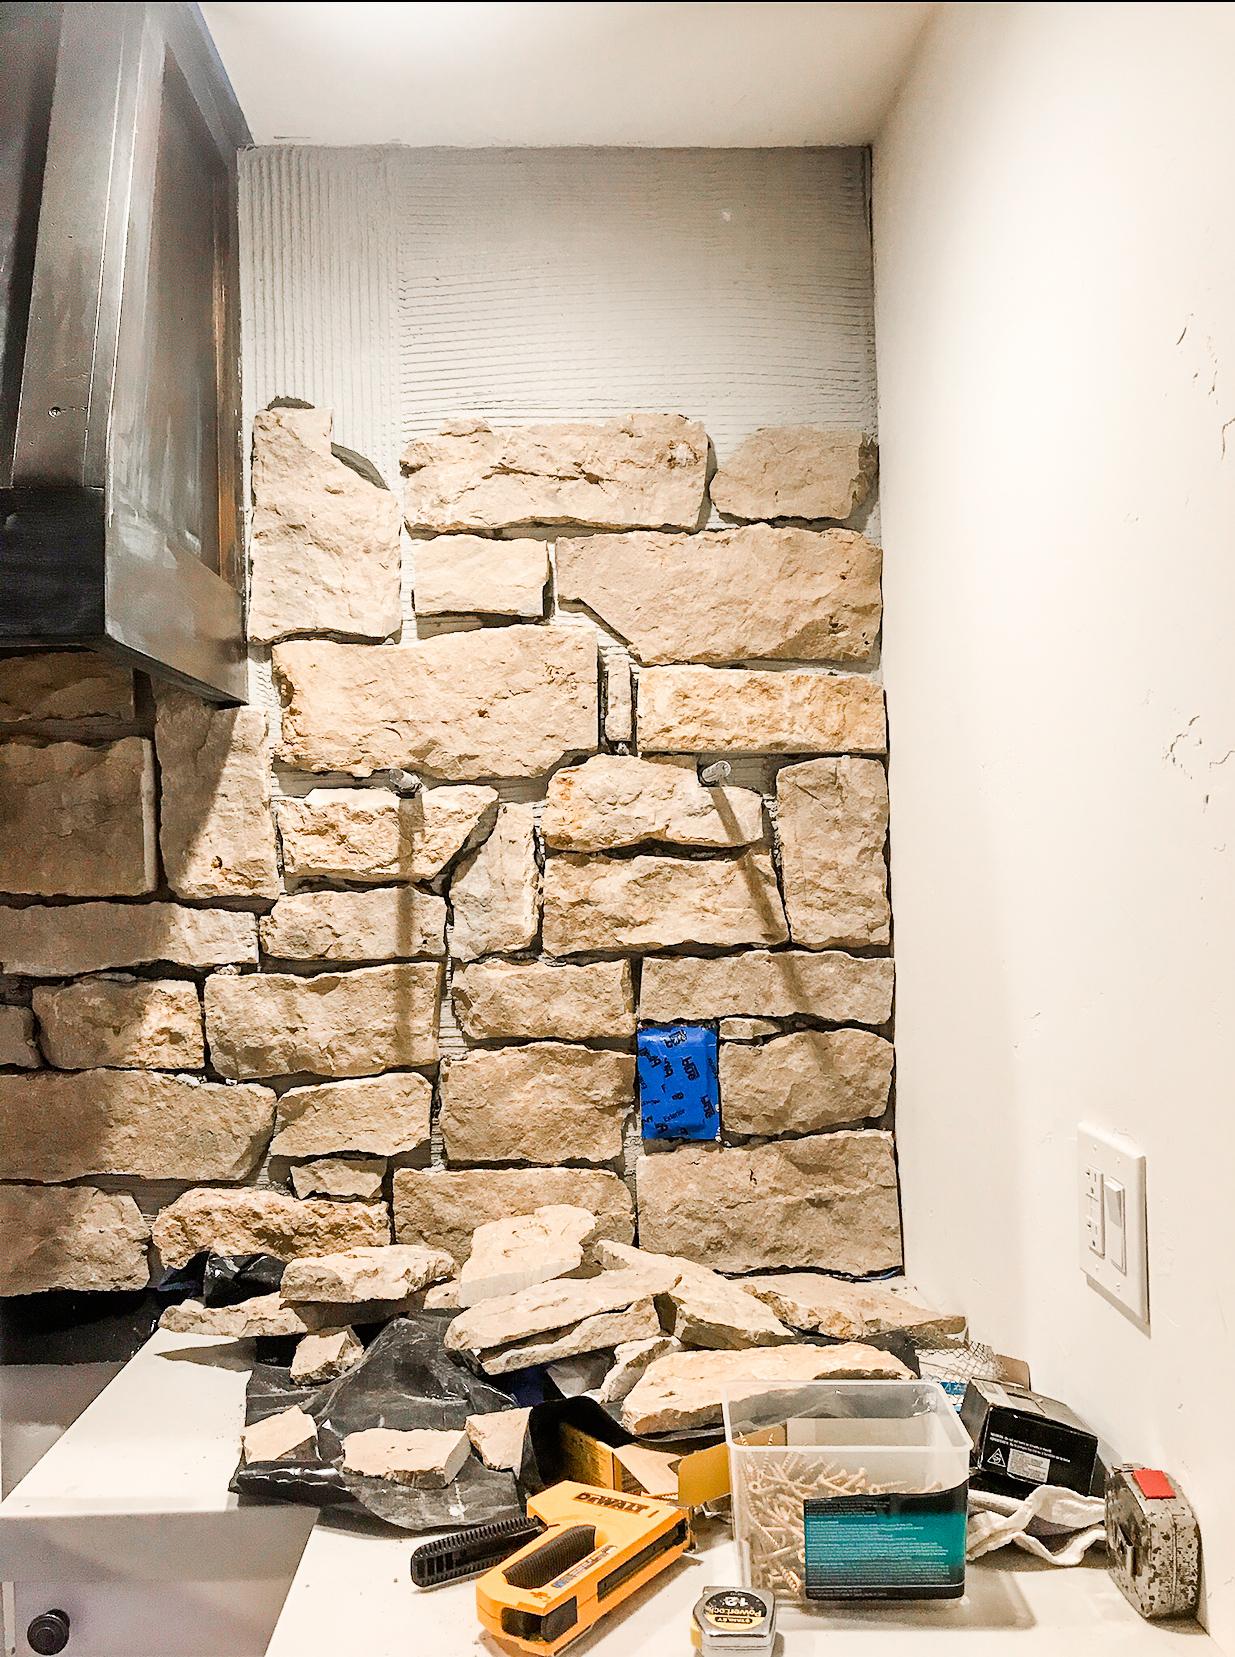 #rockwall #stone #europeanfarmhouse #farmhouse #rockinkitchen #stonedecor #modernfarmhouse